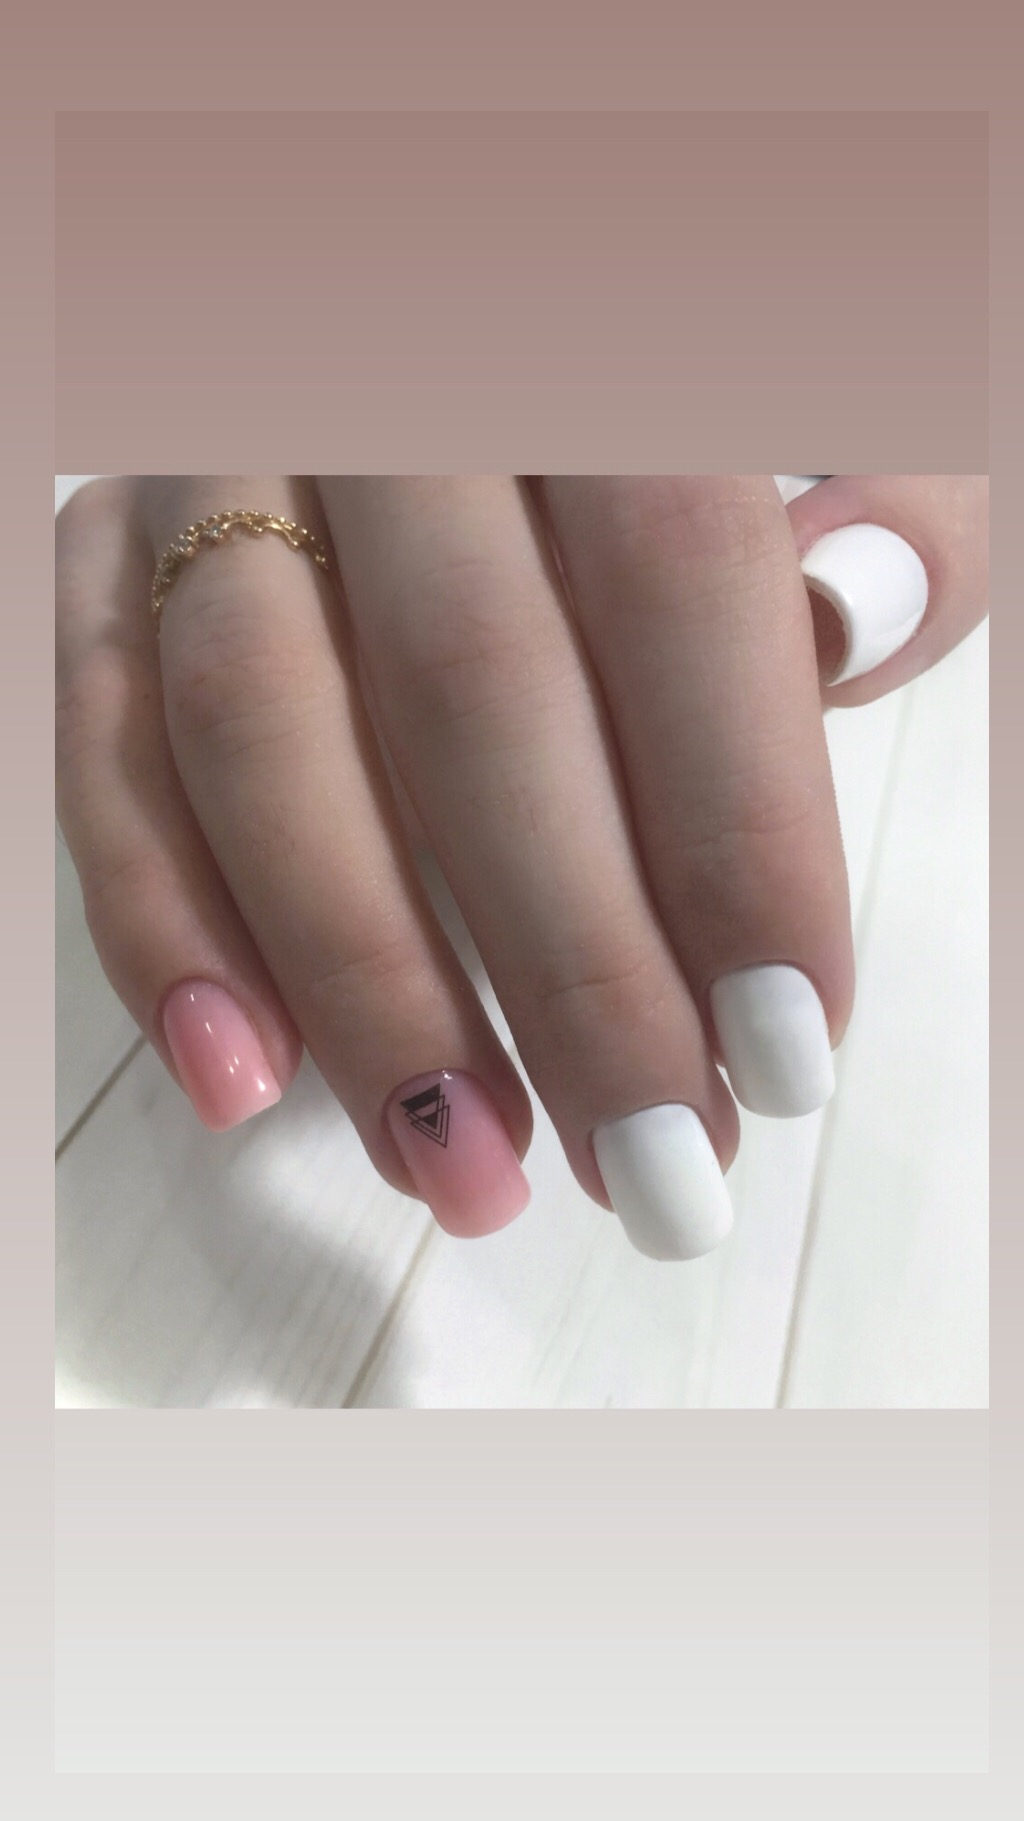 Маникюр с нюдовым дизайном и геометрическими слайдерами в белом цвете.